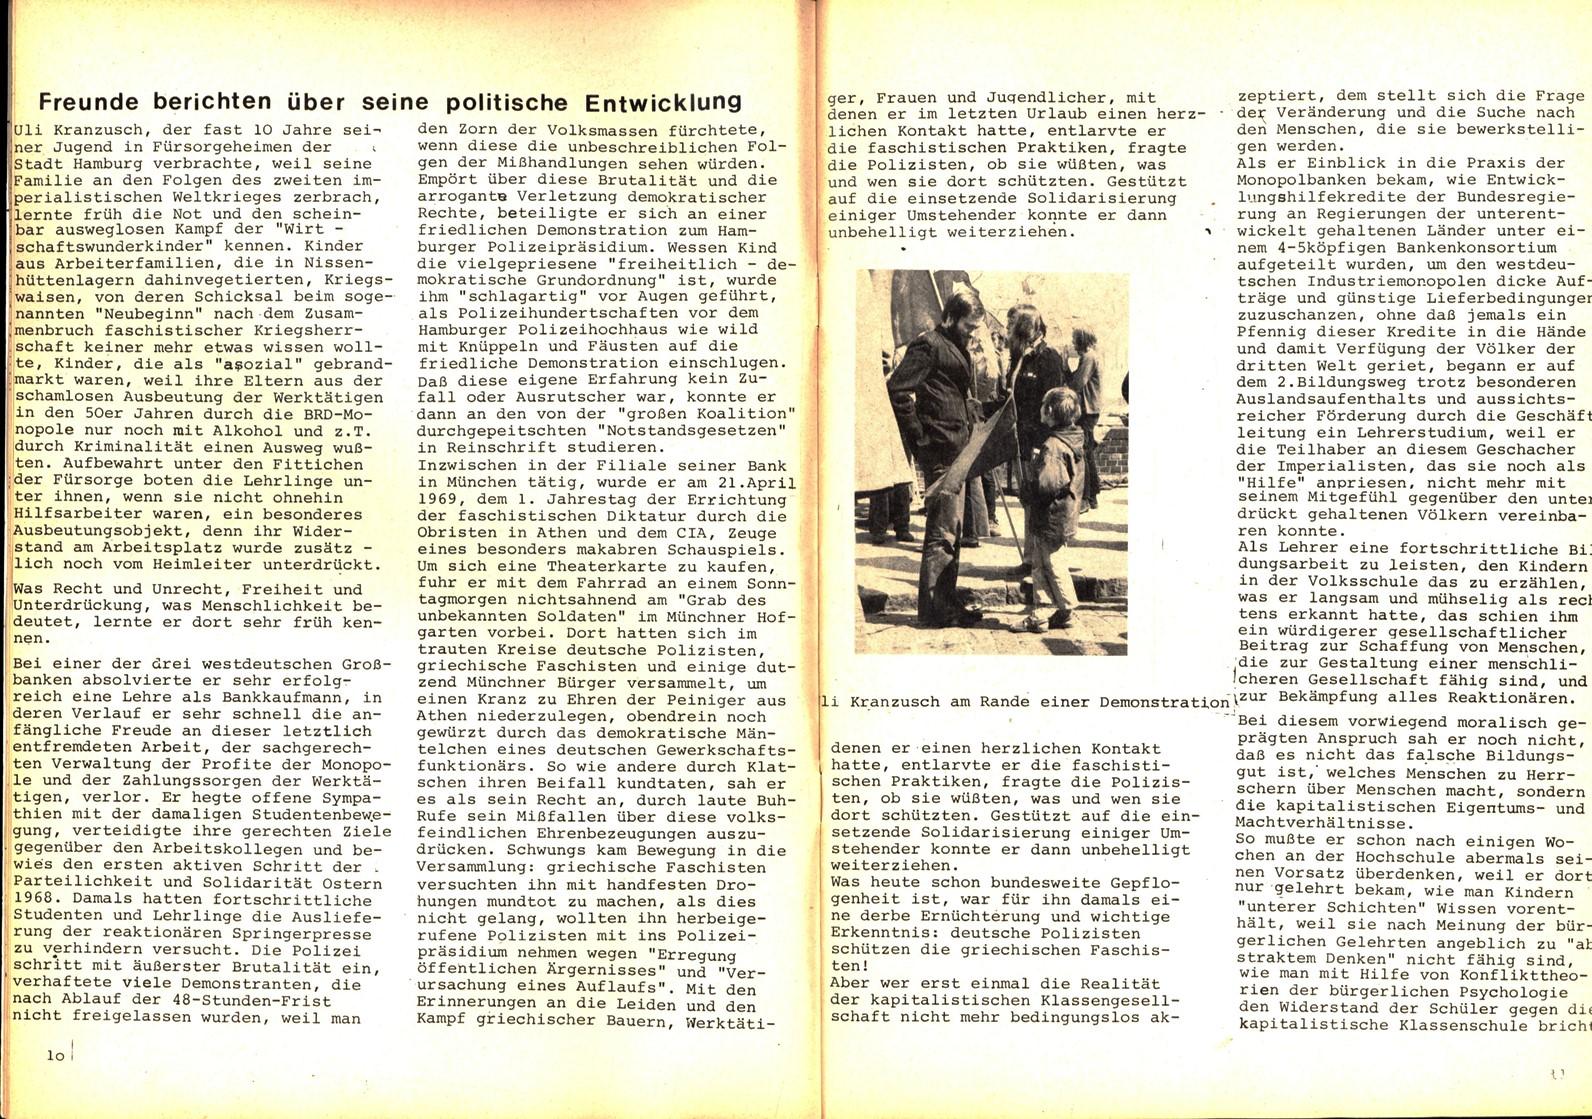 Komitee_Haende_weg_von_der_KPD_1973_Freiheit_fuer_Uli_Kranzusch_07